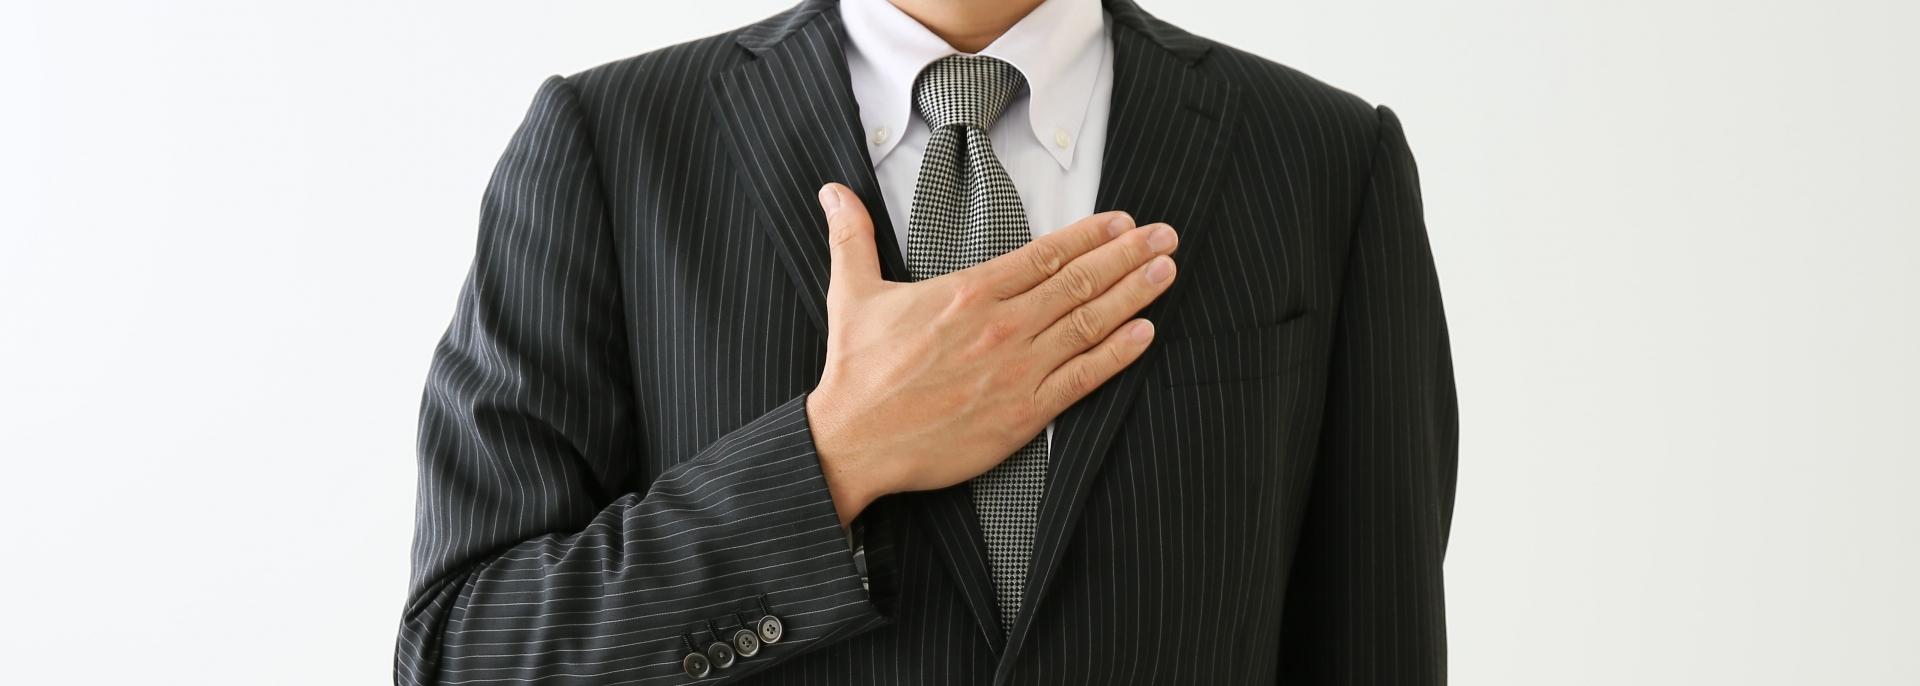 ビジネスマンに便利なイメージ